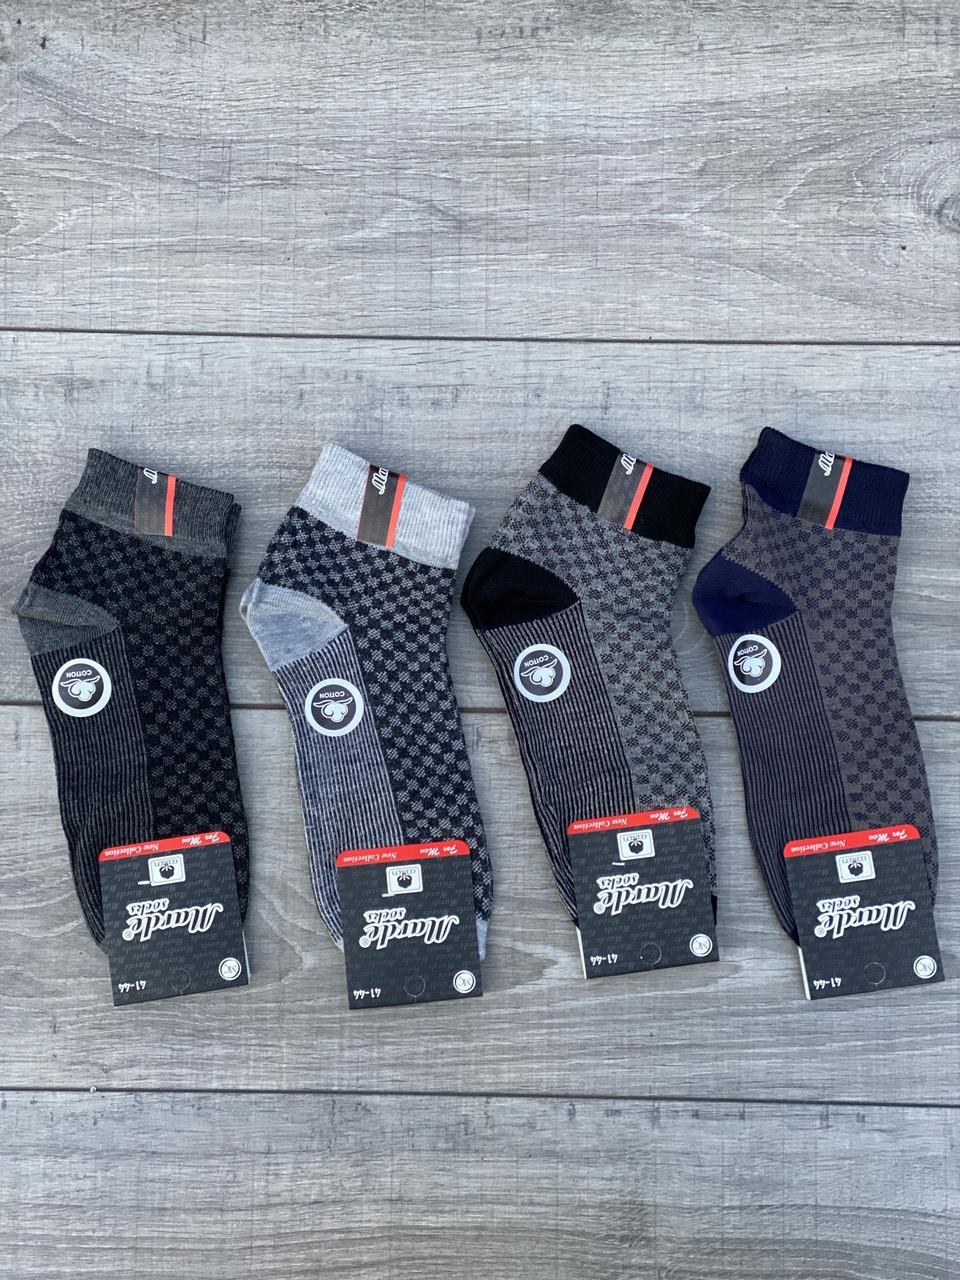 Чоловічі шкарпетки в квадратики патіки бавовна Marde 41-45 12 шт в уп мікс 4 кольорів